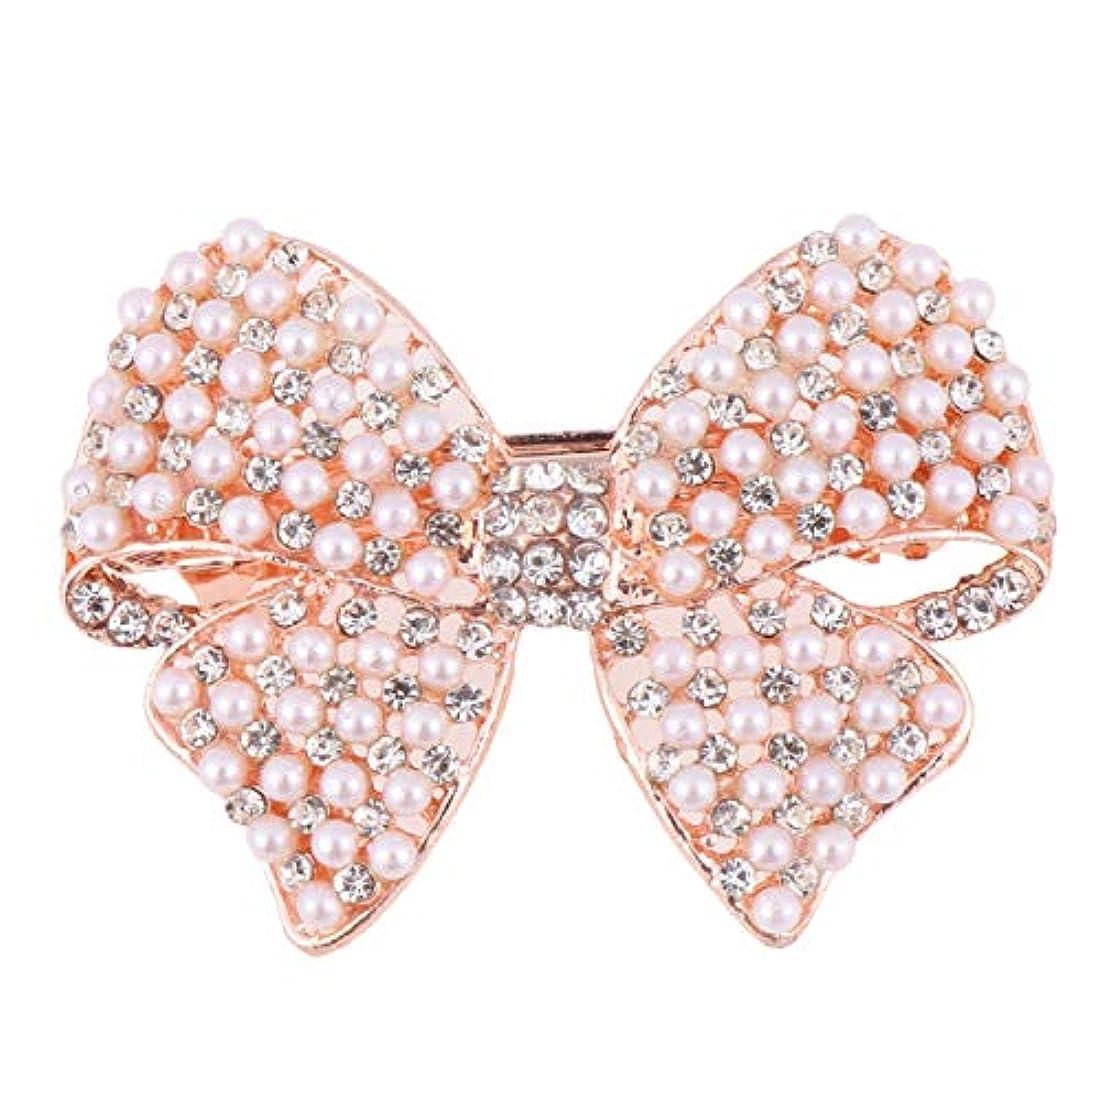 スマートスマイルモッキンバードBeaupretty 女性のための真珠の弓のヘアクリップラインストーンヘアピンヘッドドレスバレッタちょう結び